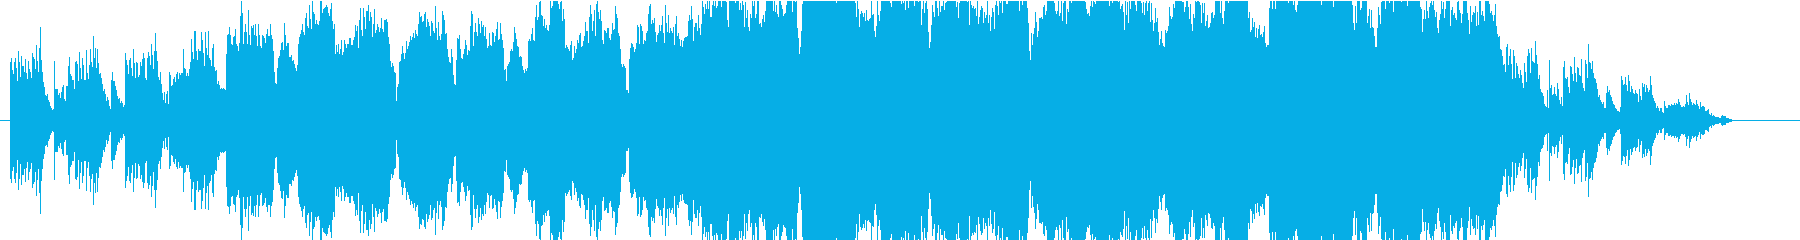 水を感じるダンジョン曲の再生済みの波形